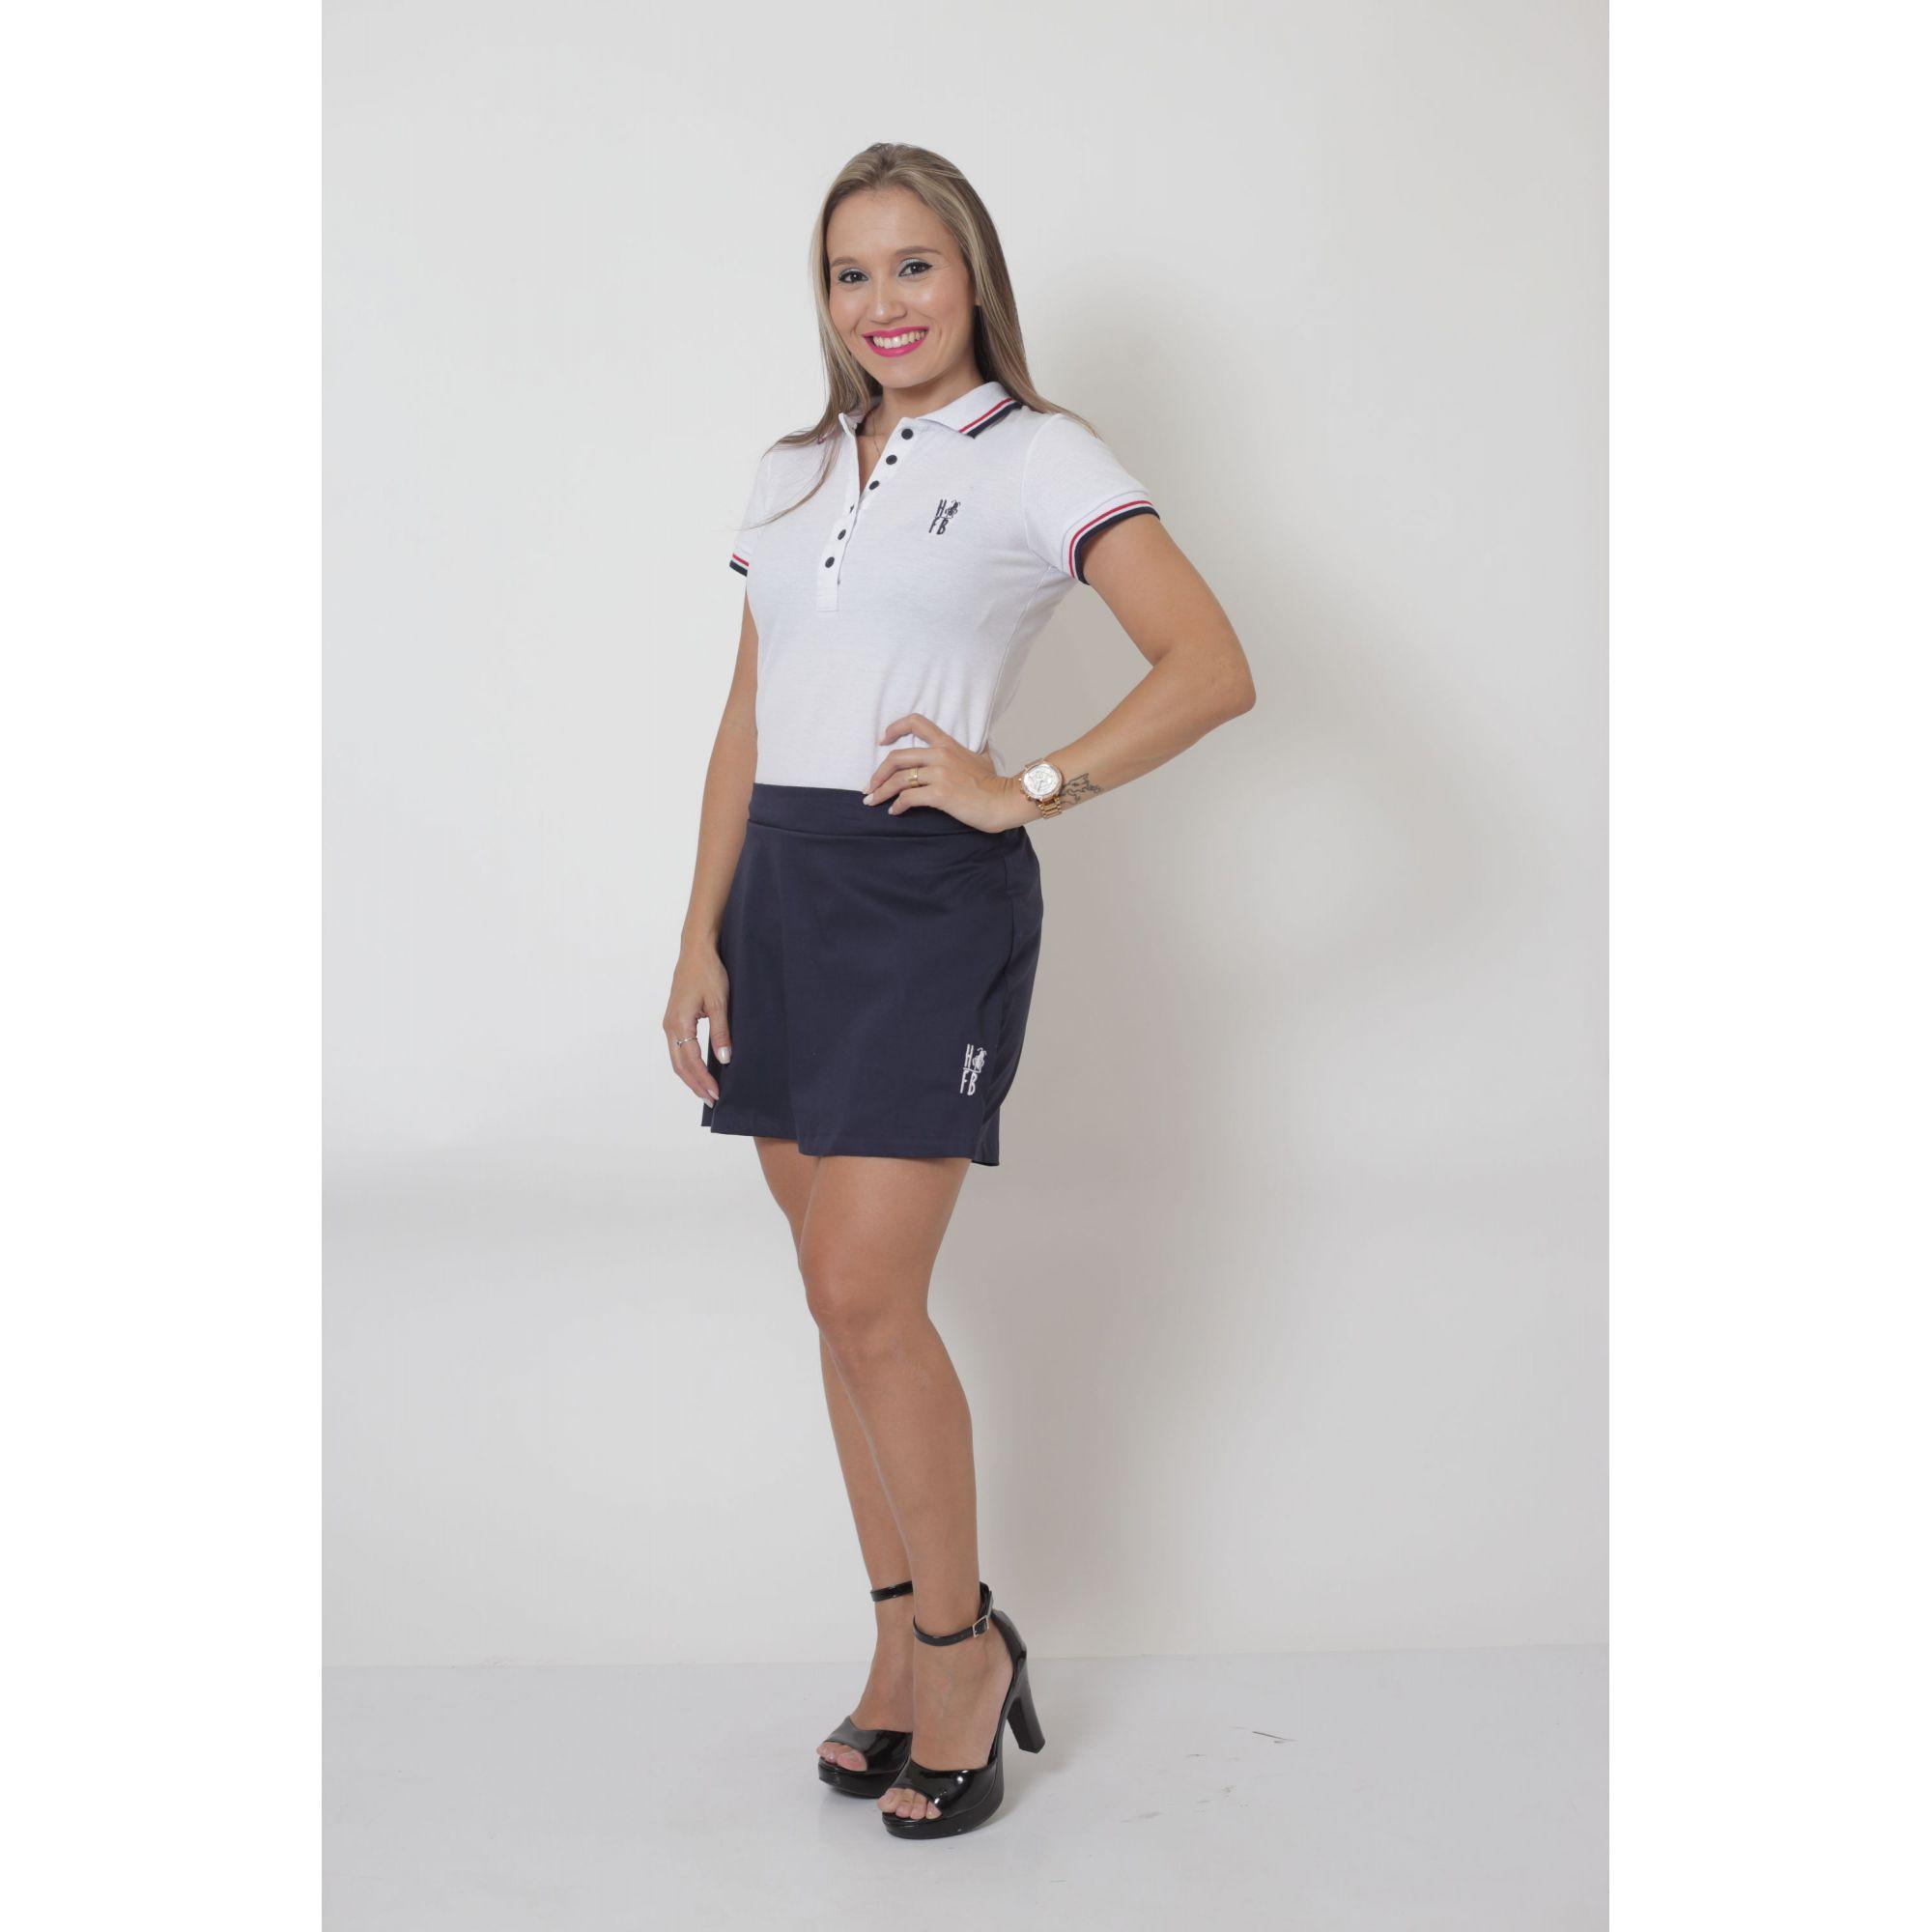 NAMORADOS > Kit 02 Peças Bermuda Masculina + Shorts Saia Feminina Azul Marinho [Coleção Namorados]  - Heitor Fashion Brazil